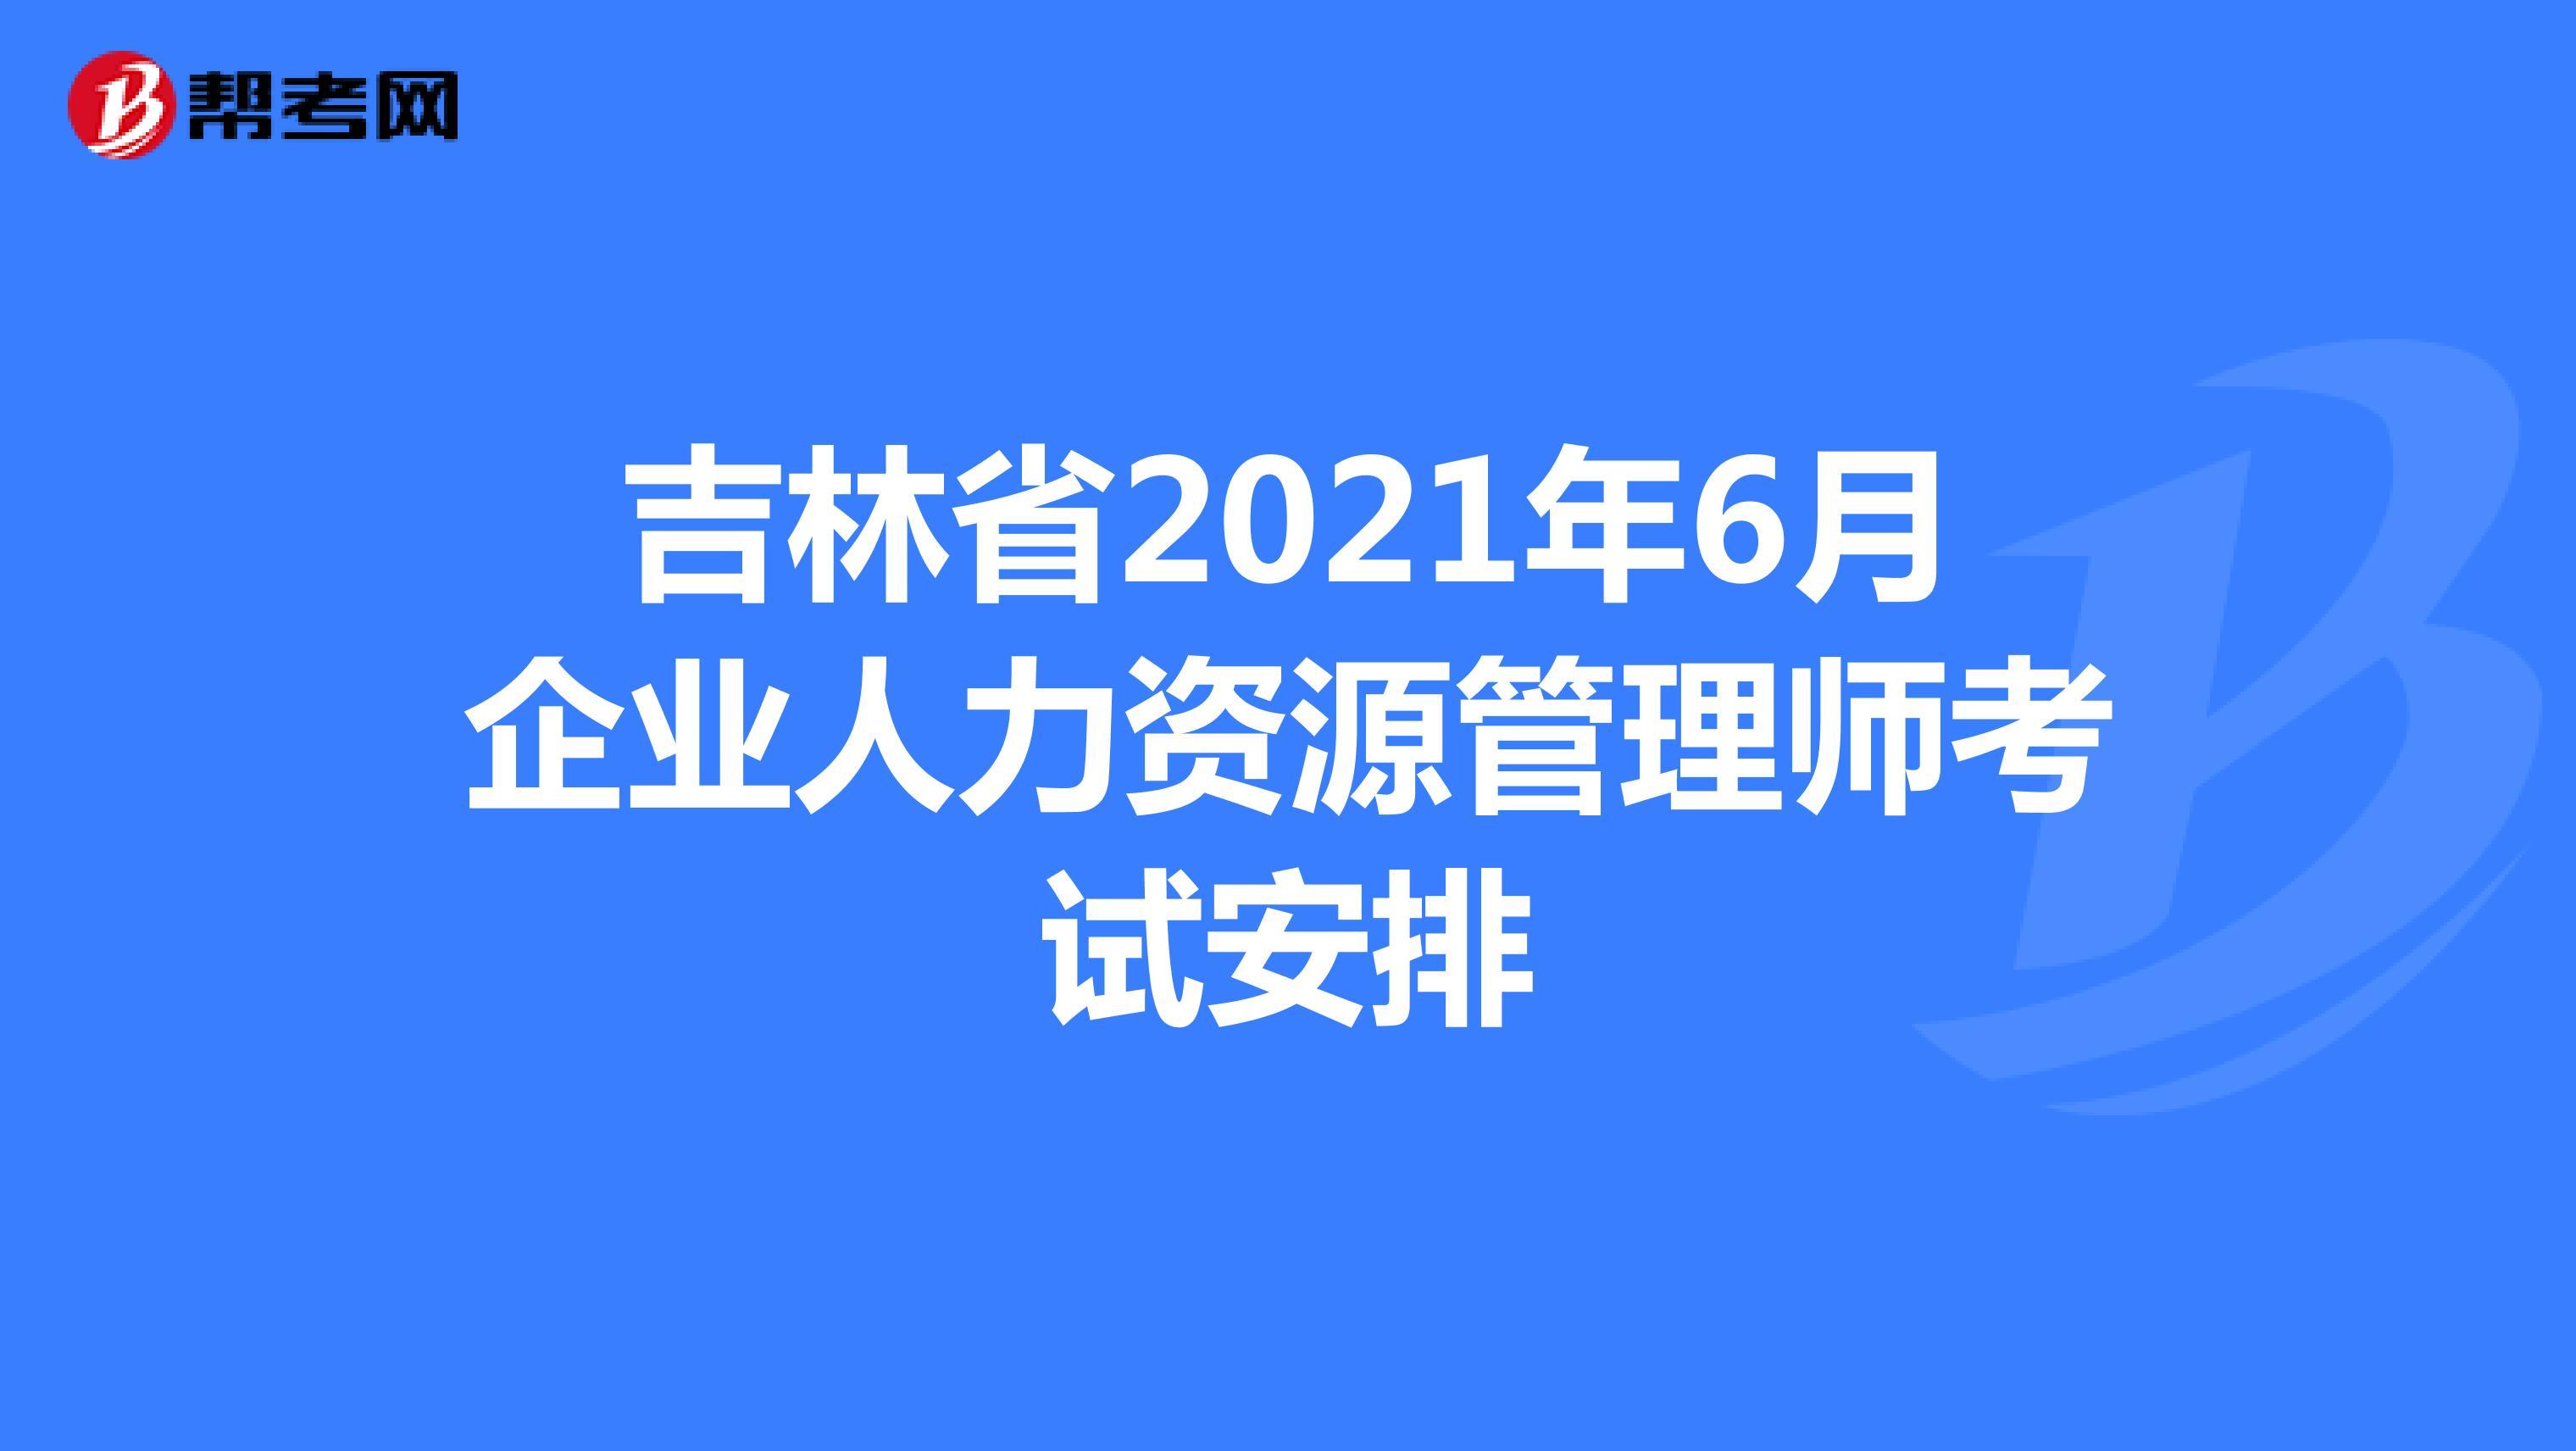 吉林省2021年6月企业人力资源管理师考试安排